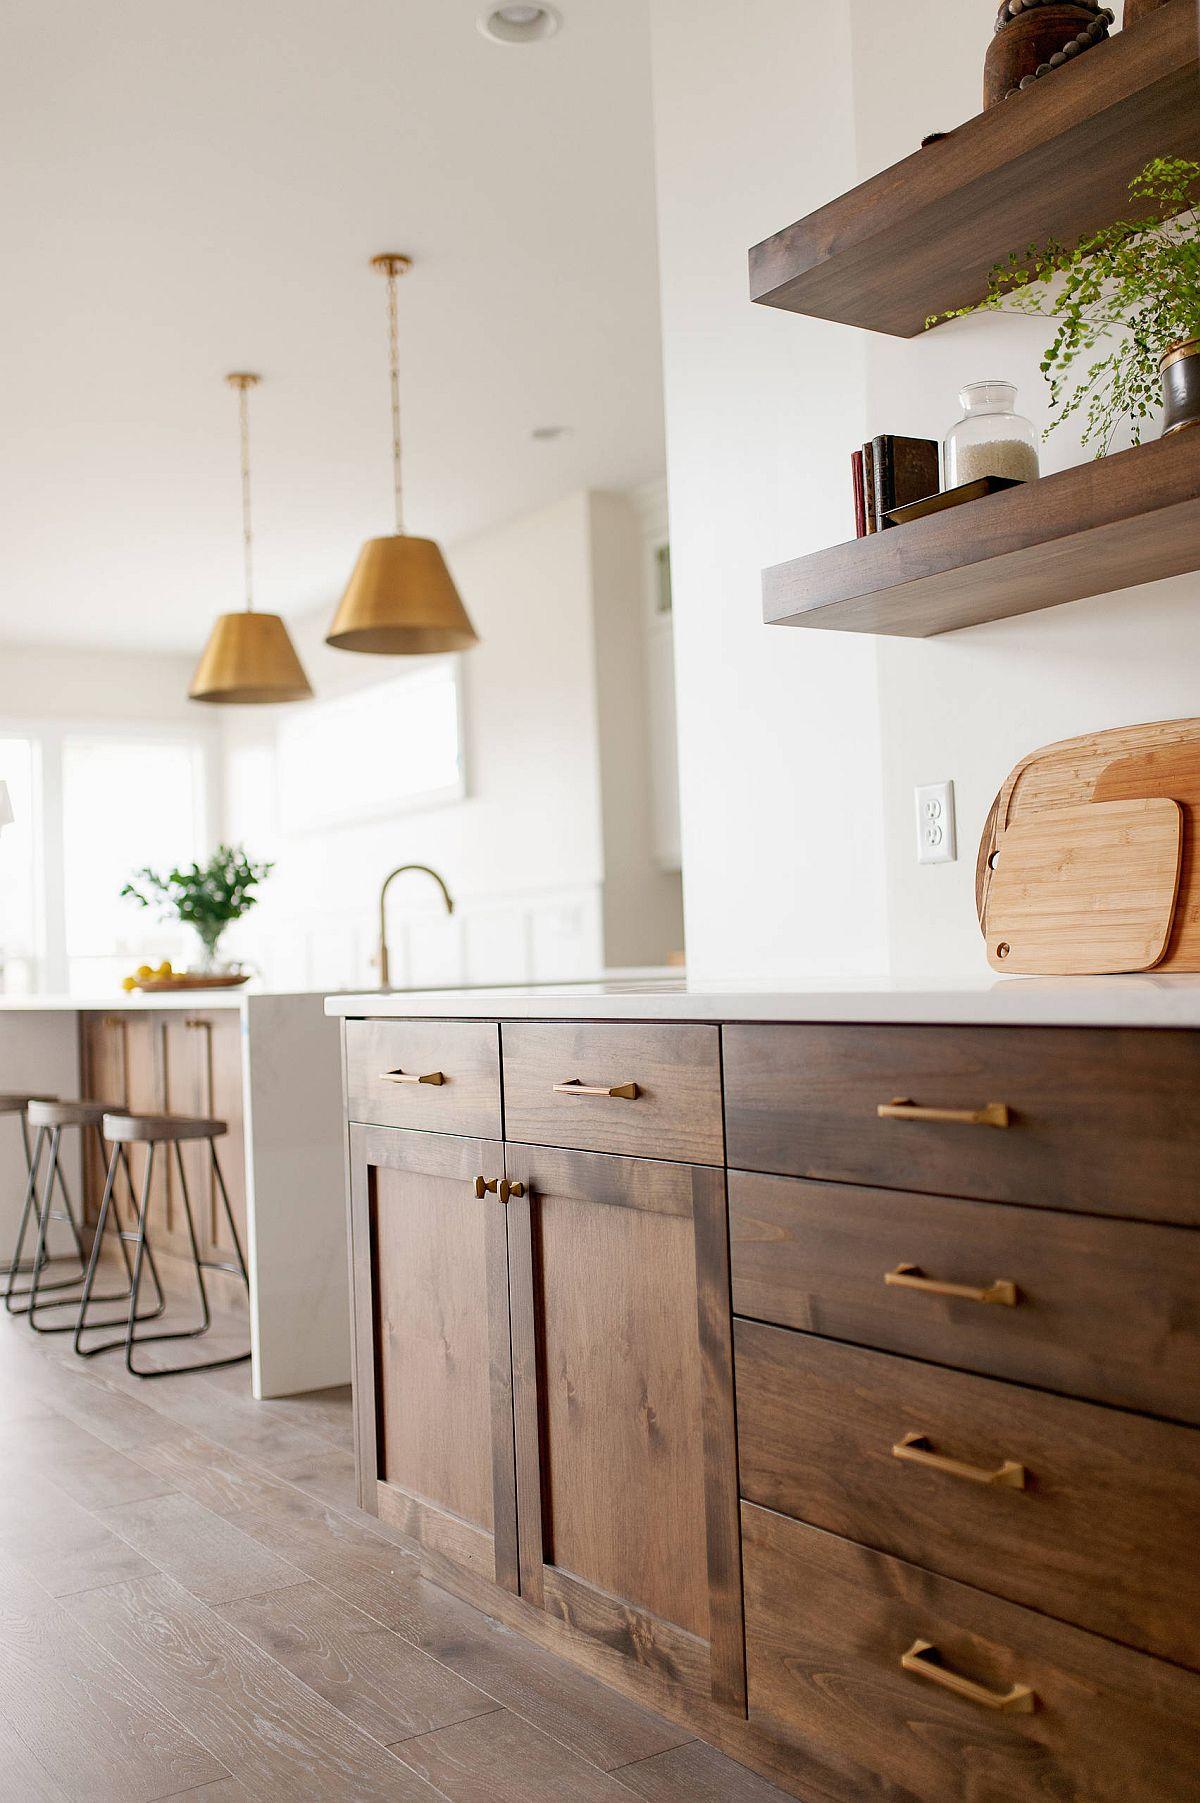 Étagères flottantes élégantes et armoires de style shaker en bois pour la cuisine de ferme moderne